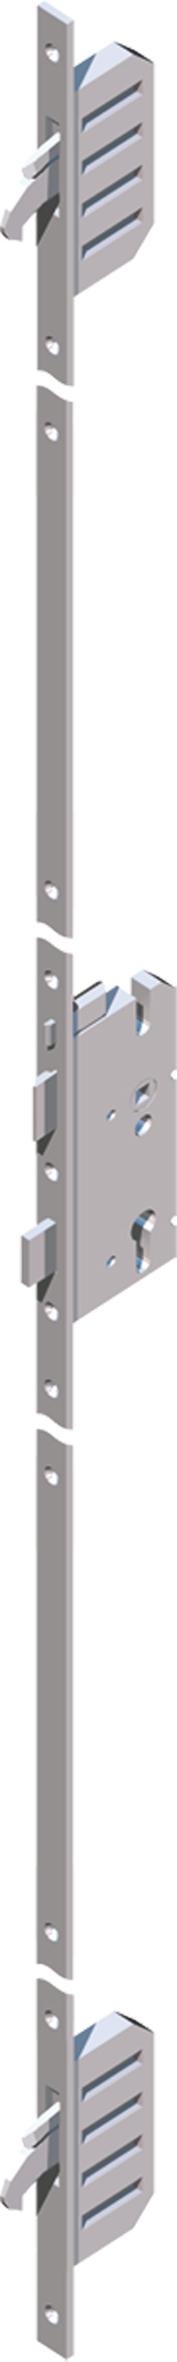 Haustür: AutoLock AV3 mit Duo-Schwenkriegeln -  mit Tagesfalle - Holyday Lockout Funktion - Schloß verschließt beim Zuziehen automatisch - Öffnung manuell oder mit Motor